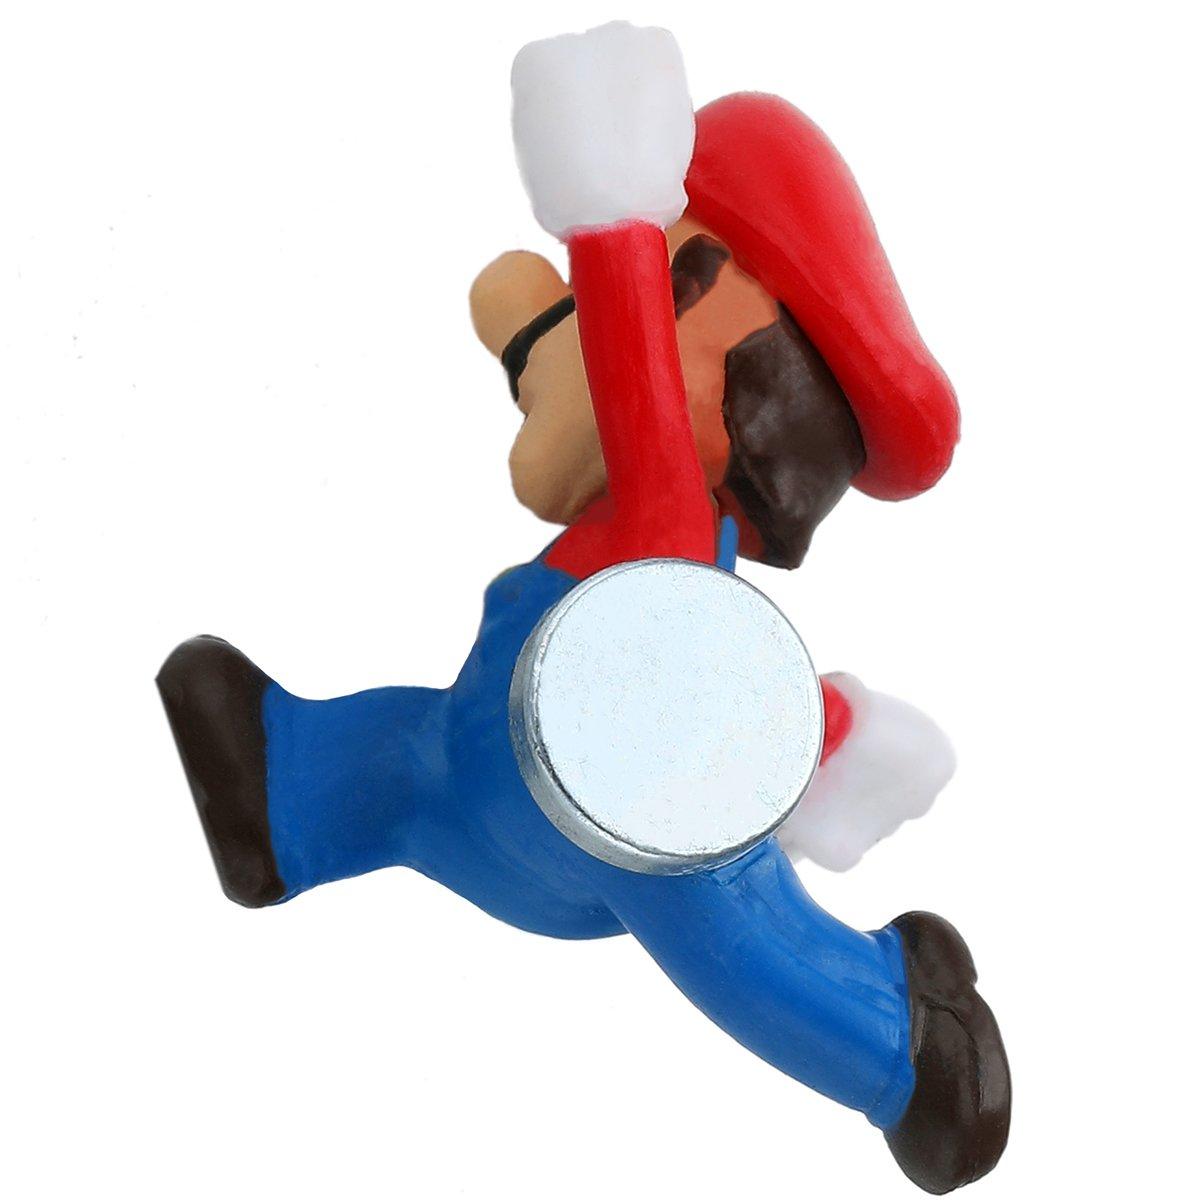 Super Mario Aimants HXDZFX aimants r/éfrig/érateur aimants r/éfrig/érateur aimants dr/ôles armoires de Bureau de r/éfrig/érateur Tableaux Blancs Photo